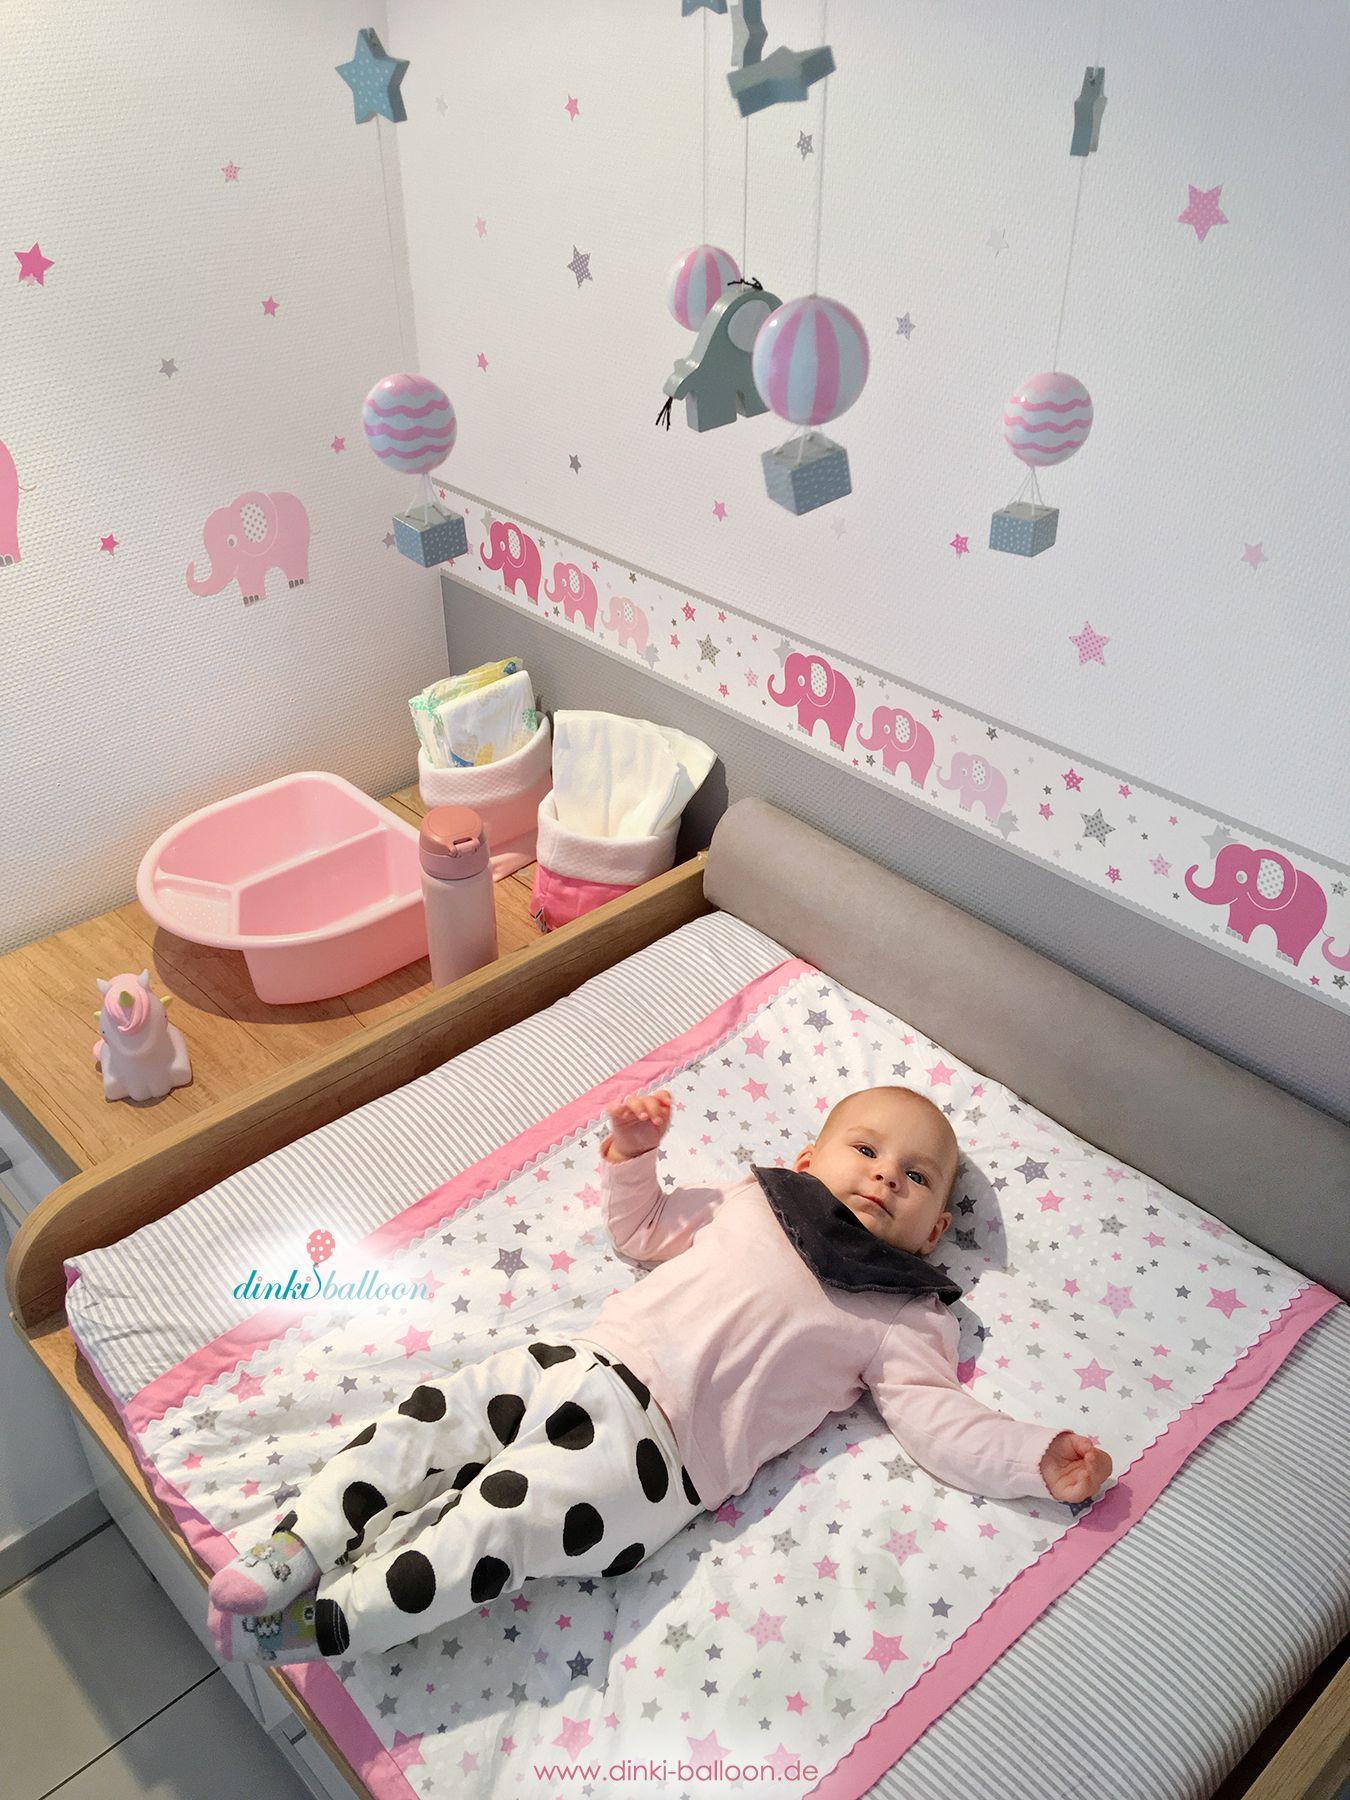 Beeindruckend Mädchenzimmer Wandgestaltung Das Beste Von Babyzimmer Wandgestaltung, Lampen Und Textilien Mit Elefanten